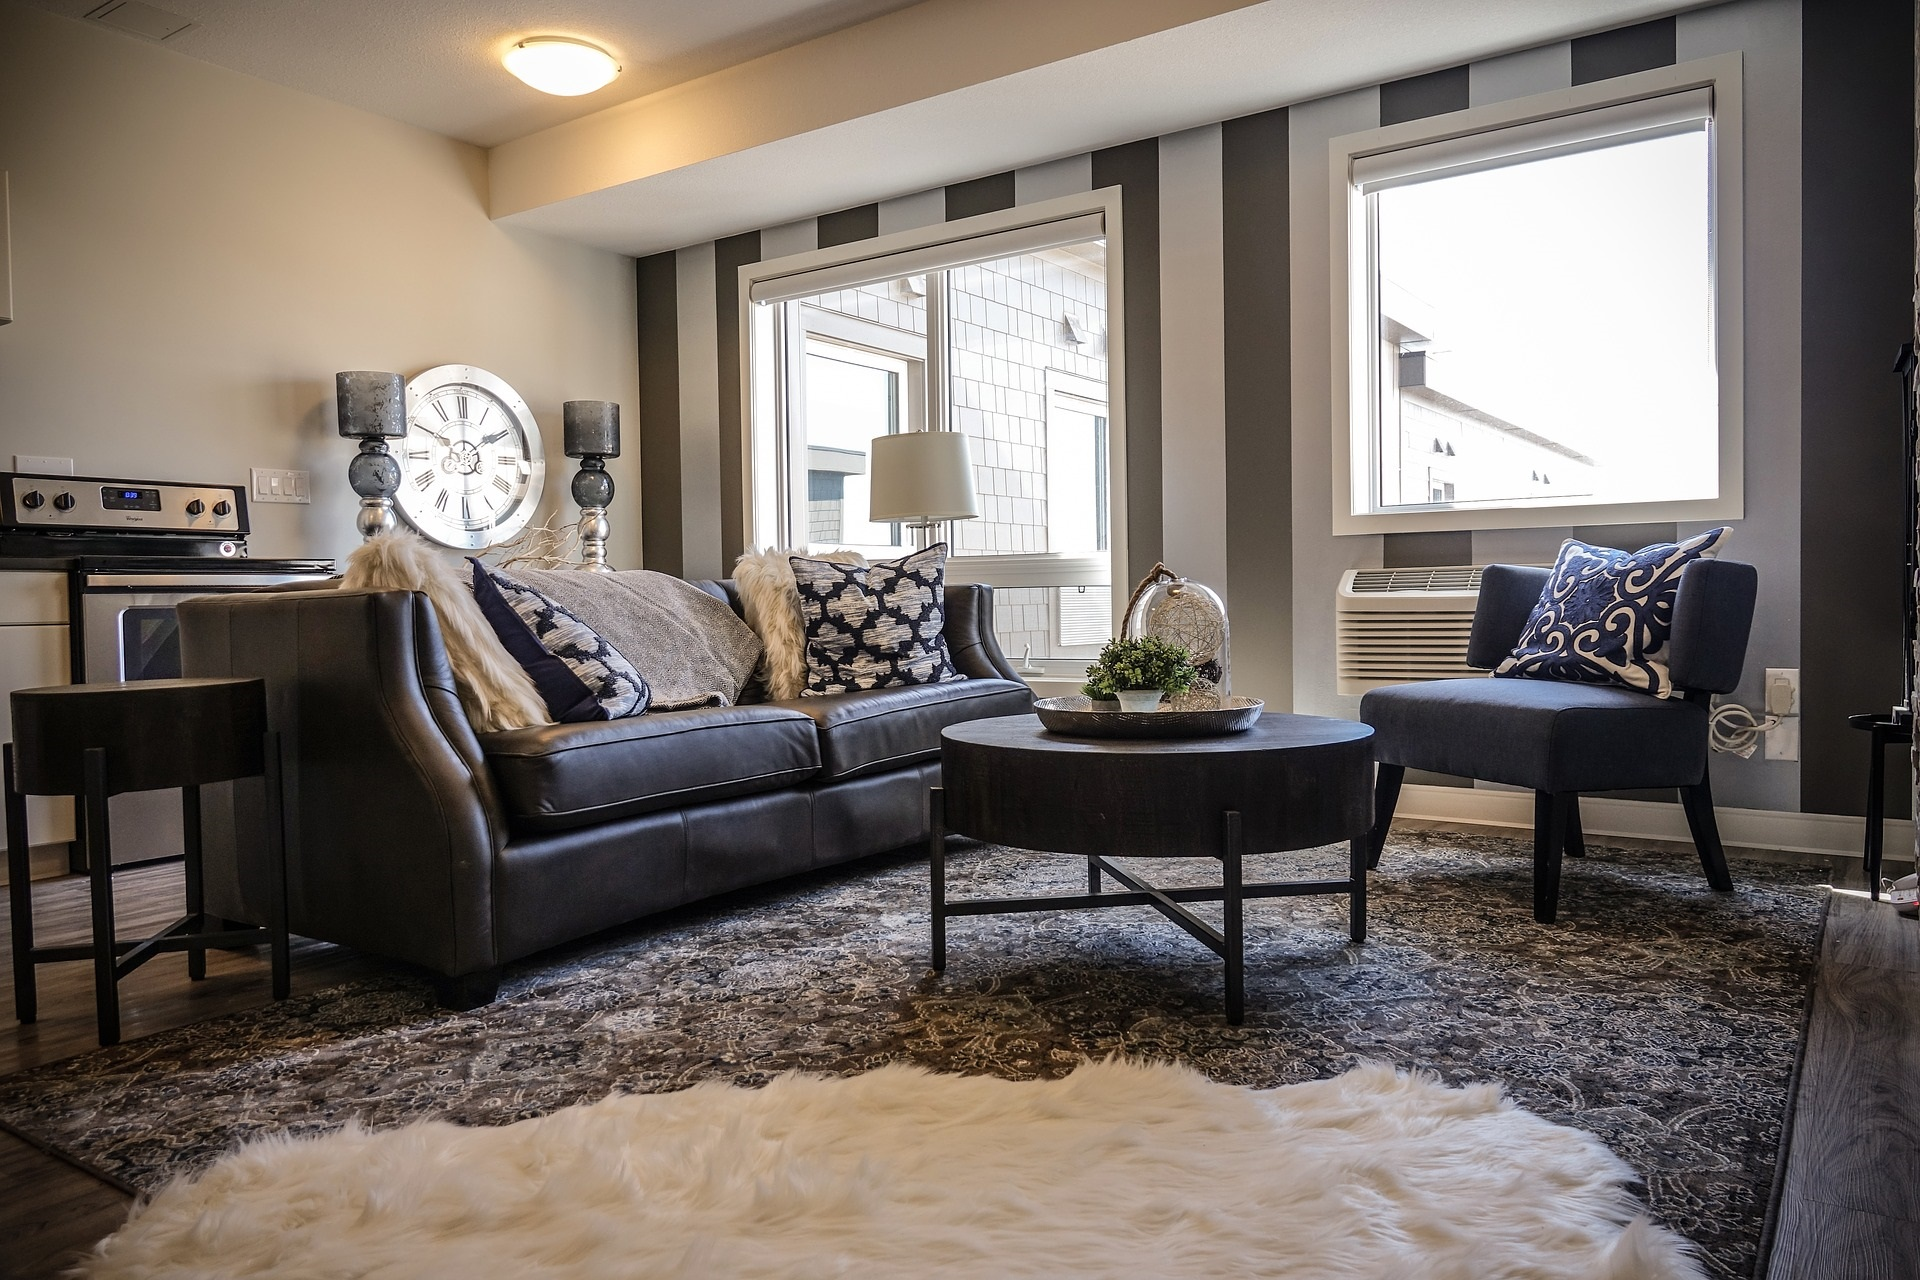 Maak het huis gezelliger met een jute vloerkleed